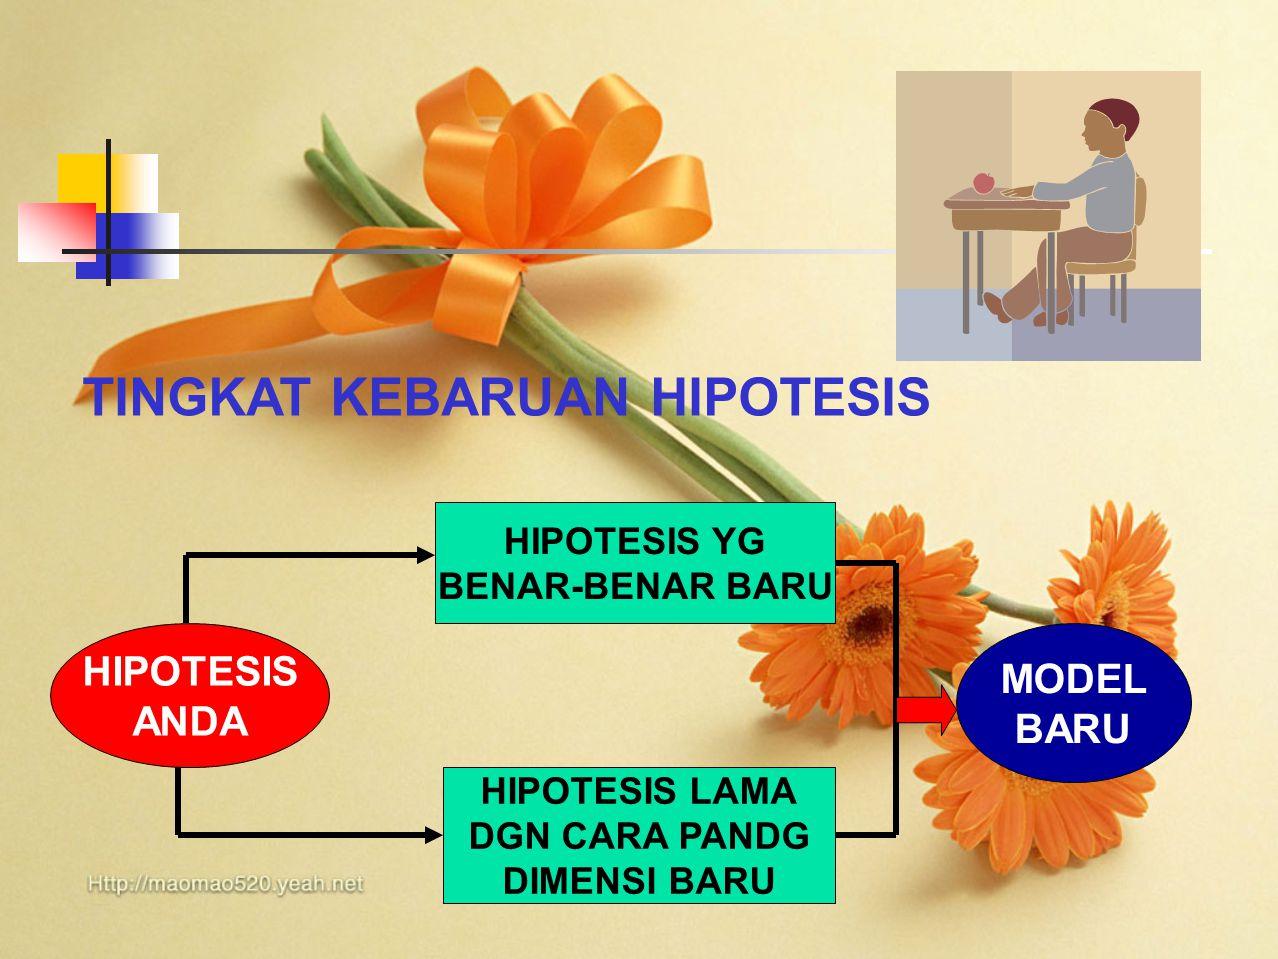 TINGKAT KEBARUAN HIPOTESIS